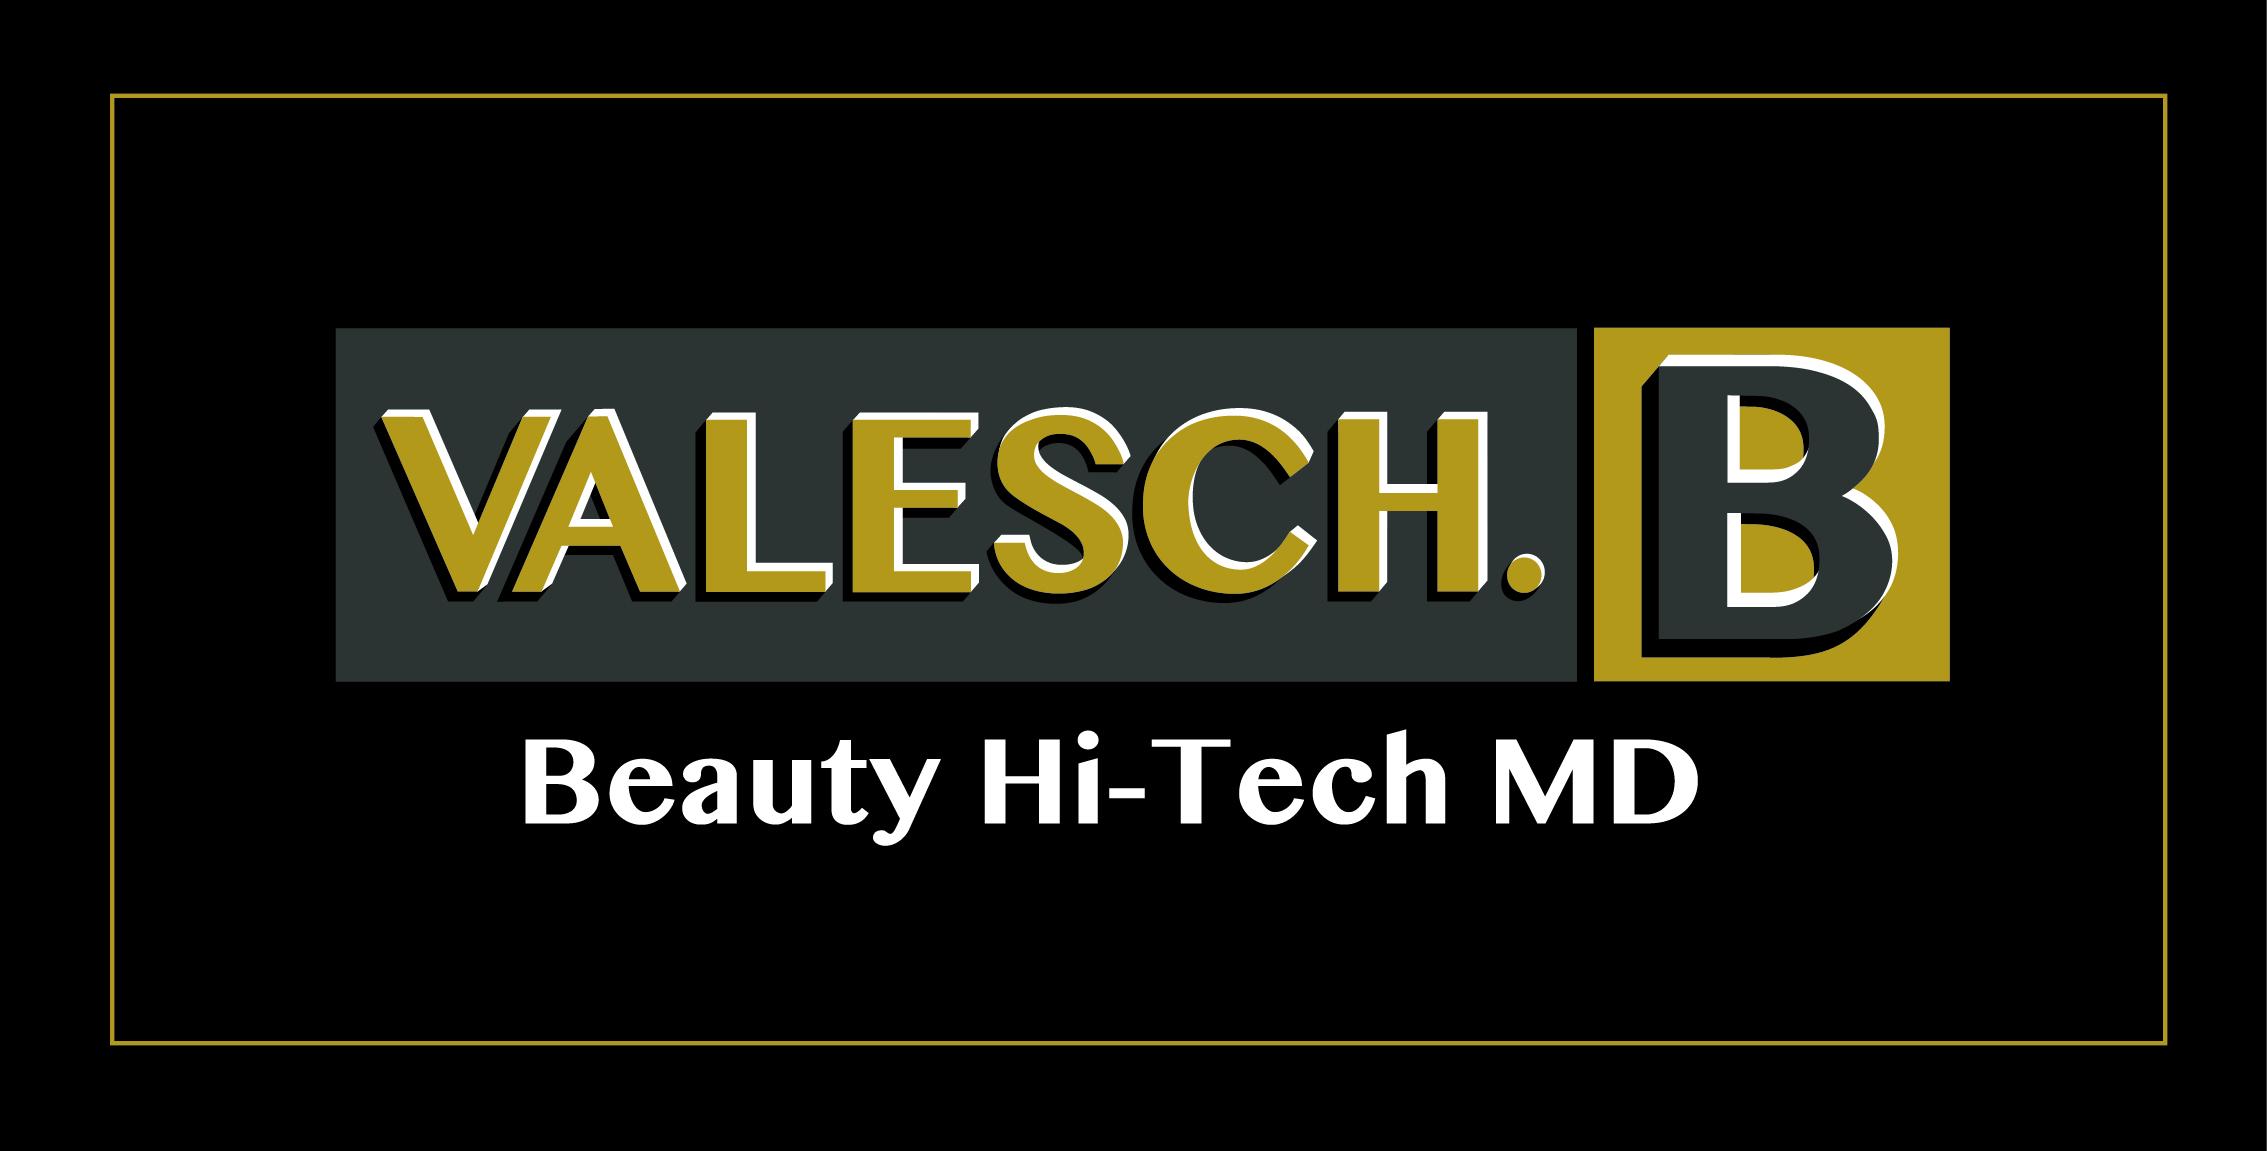 ValeschB Beauty Hi tech